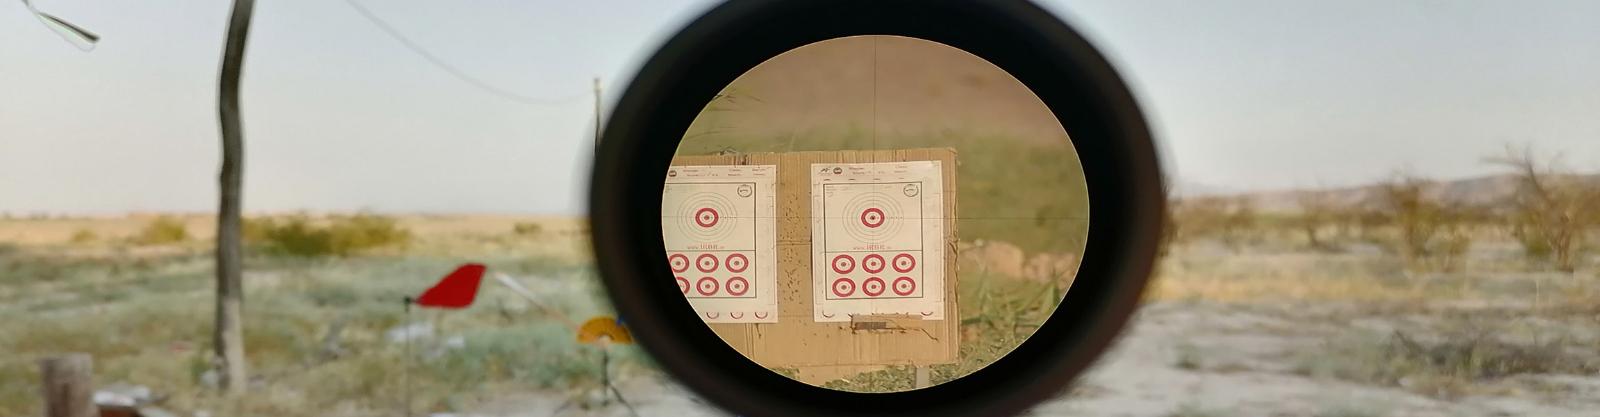 تصاویر دید دوربین های تفنگ در زوم ها و مسافت های مختلف